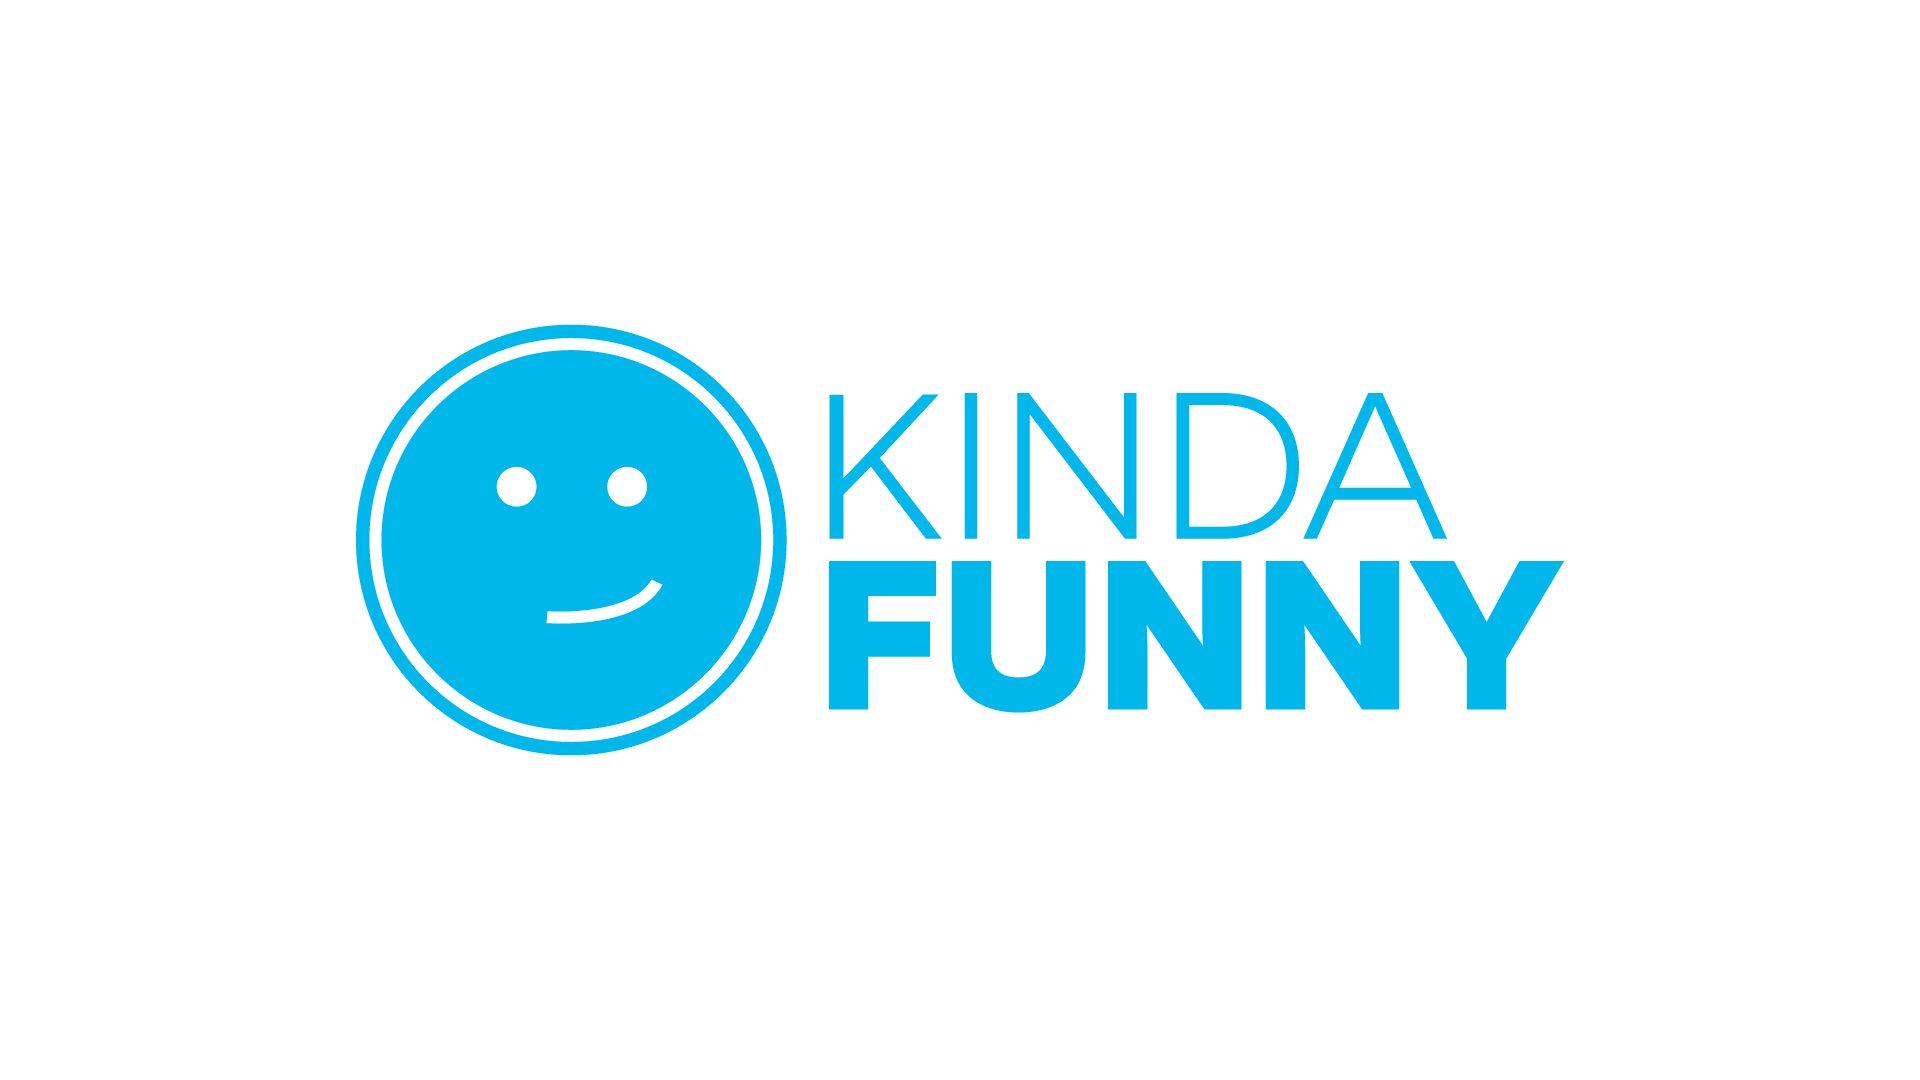 KINDA FUNNY.jpg